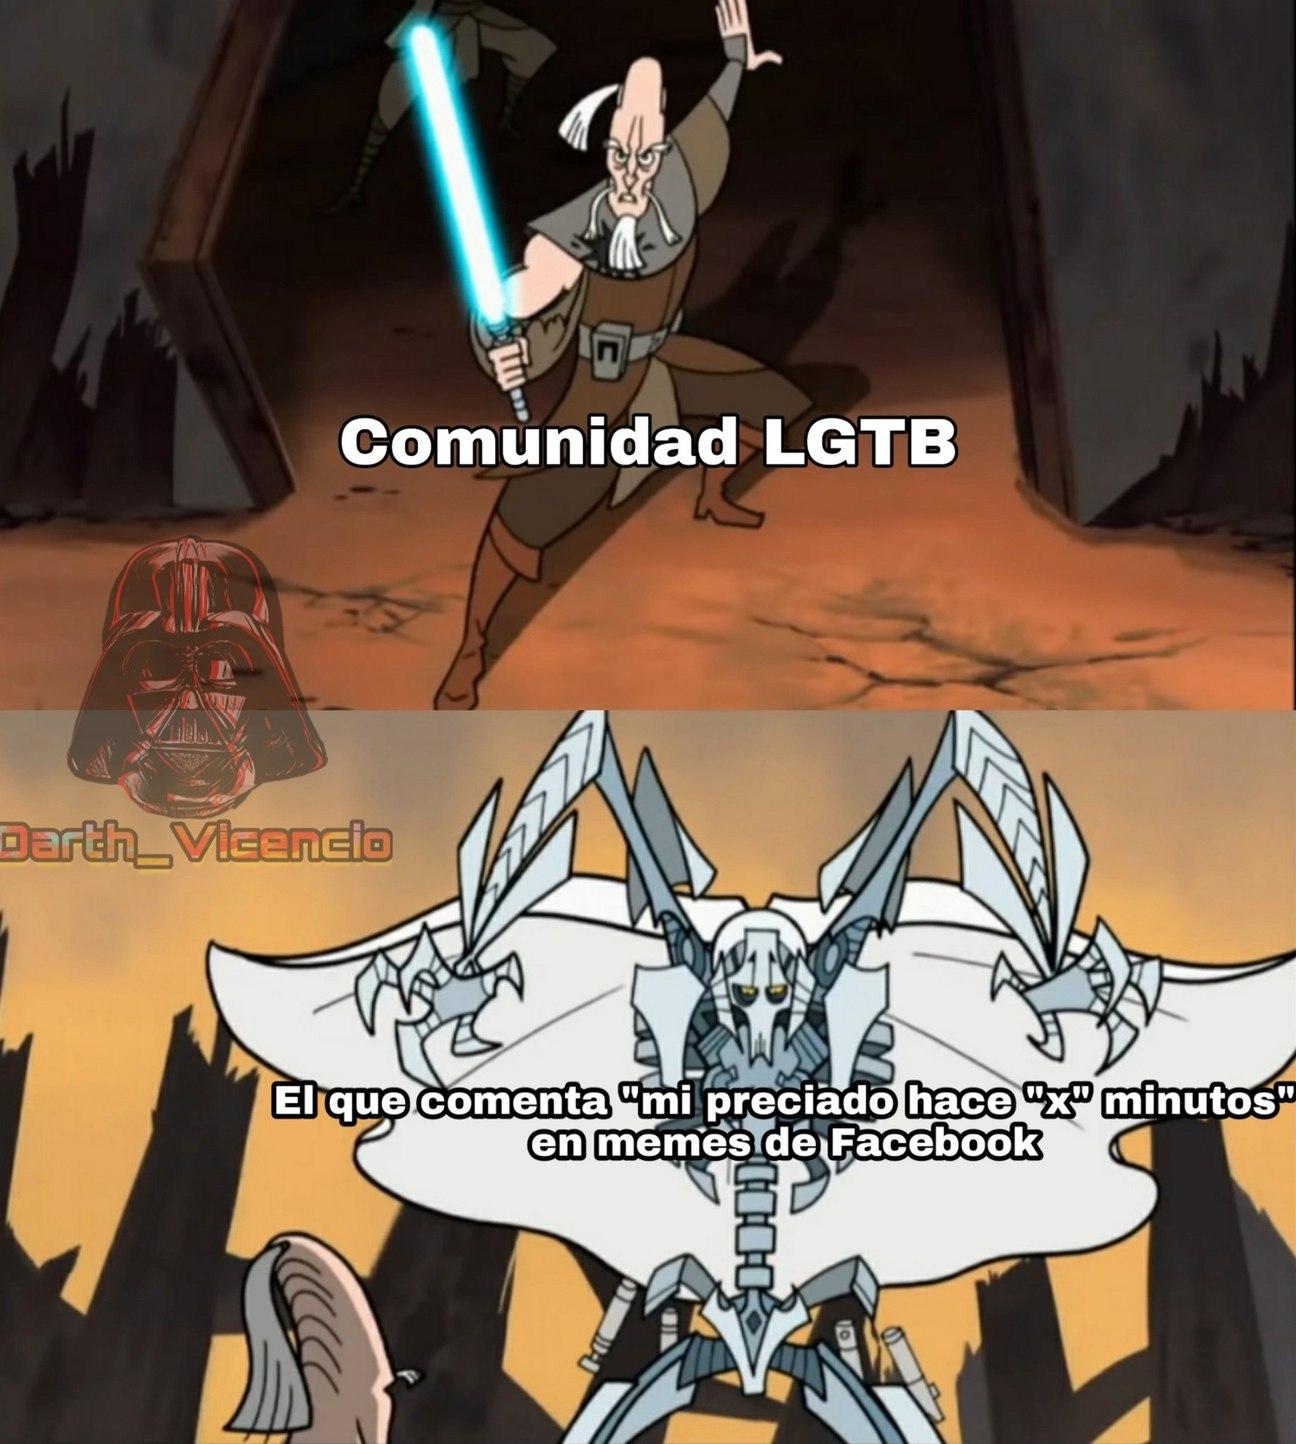 No hagan eso porfavor - meme